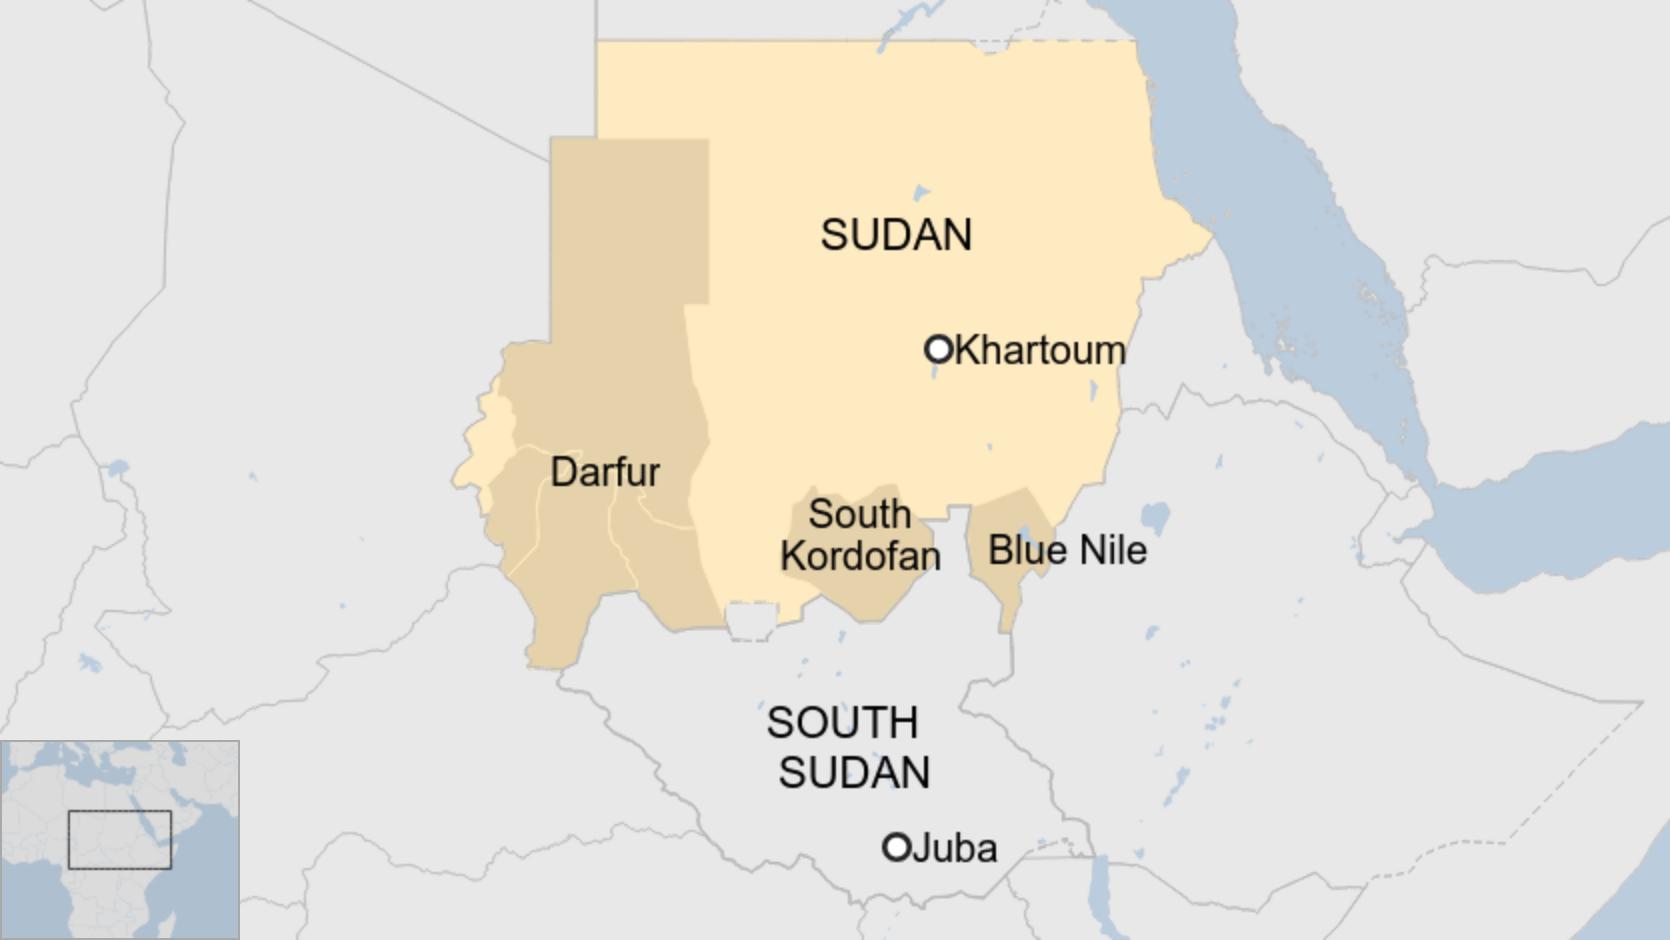 Mapa de Sudán con Darfur, Kordofán del Sur y Nilo Azul